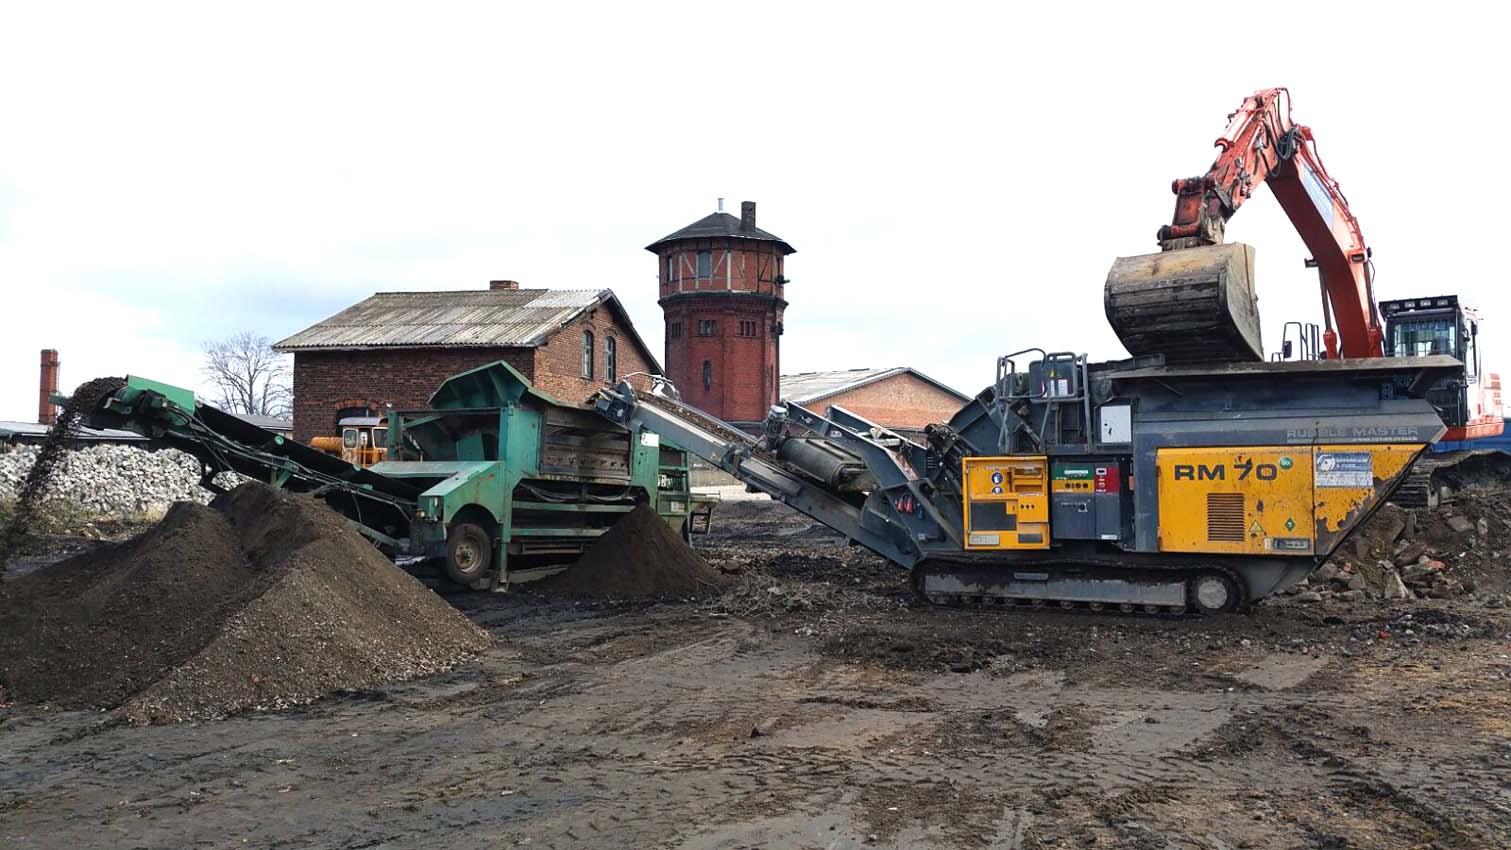 Sieben und Brechen Bauservice Altmark